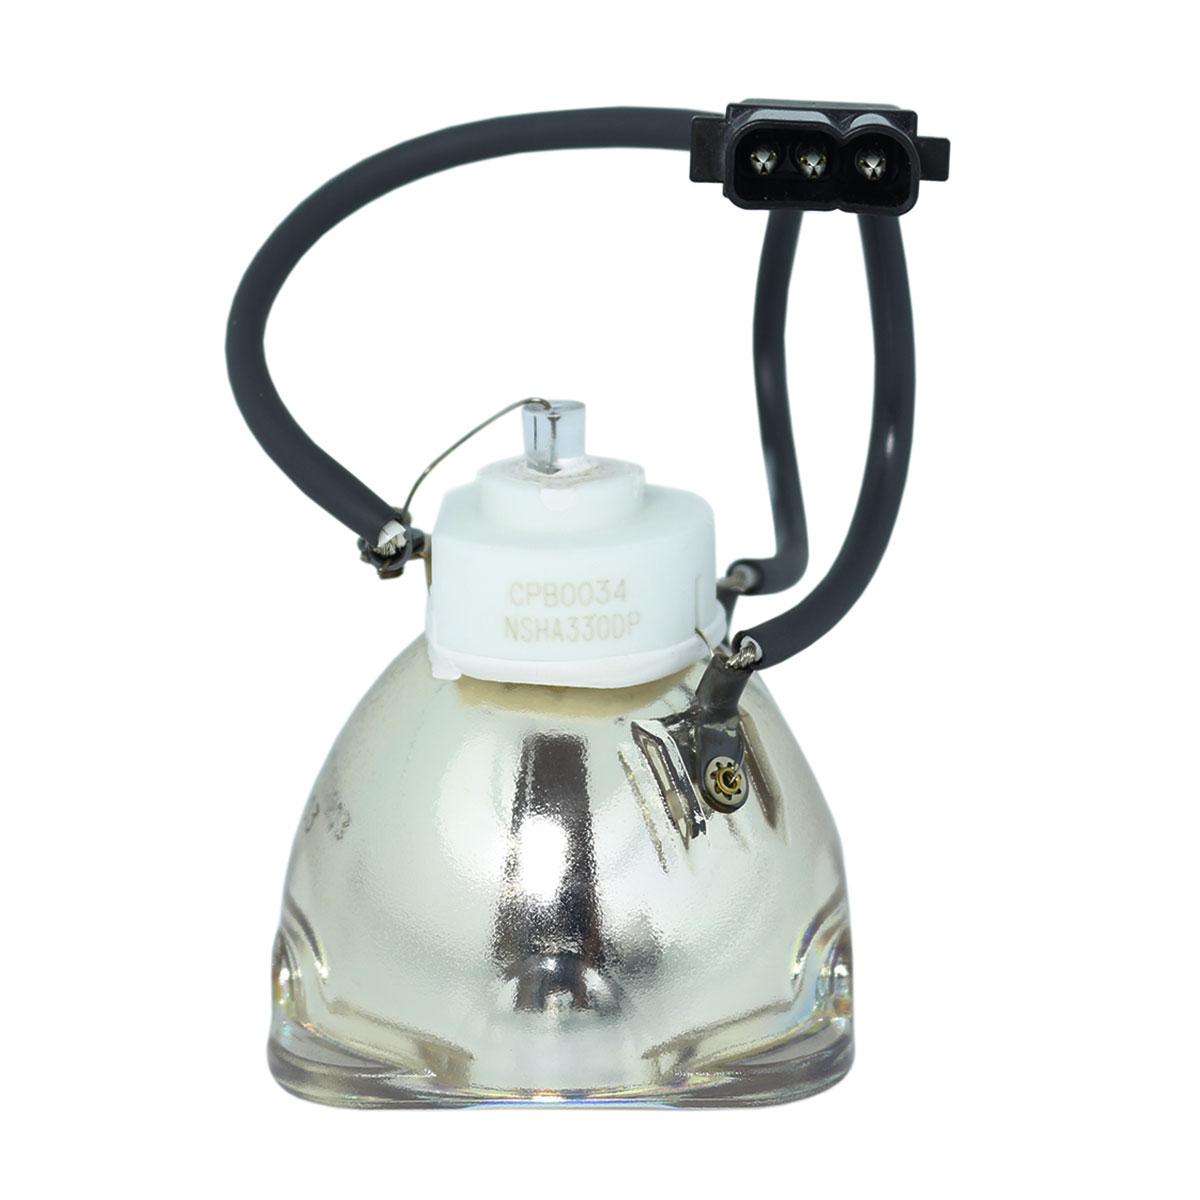 Lutema Platinum lampe pour Digital Projection 109-215J Projecteur (ampoule Philips originale) - image 1 de 5